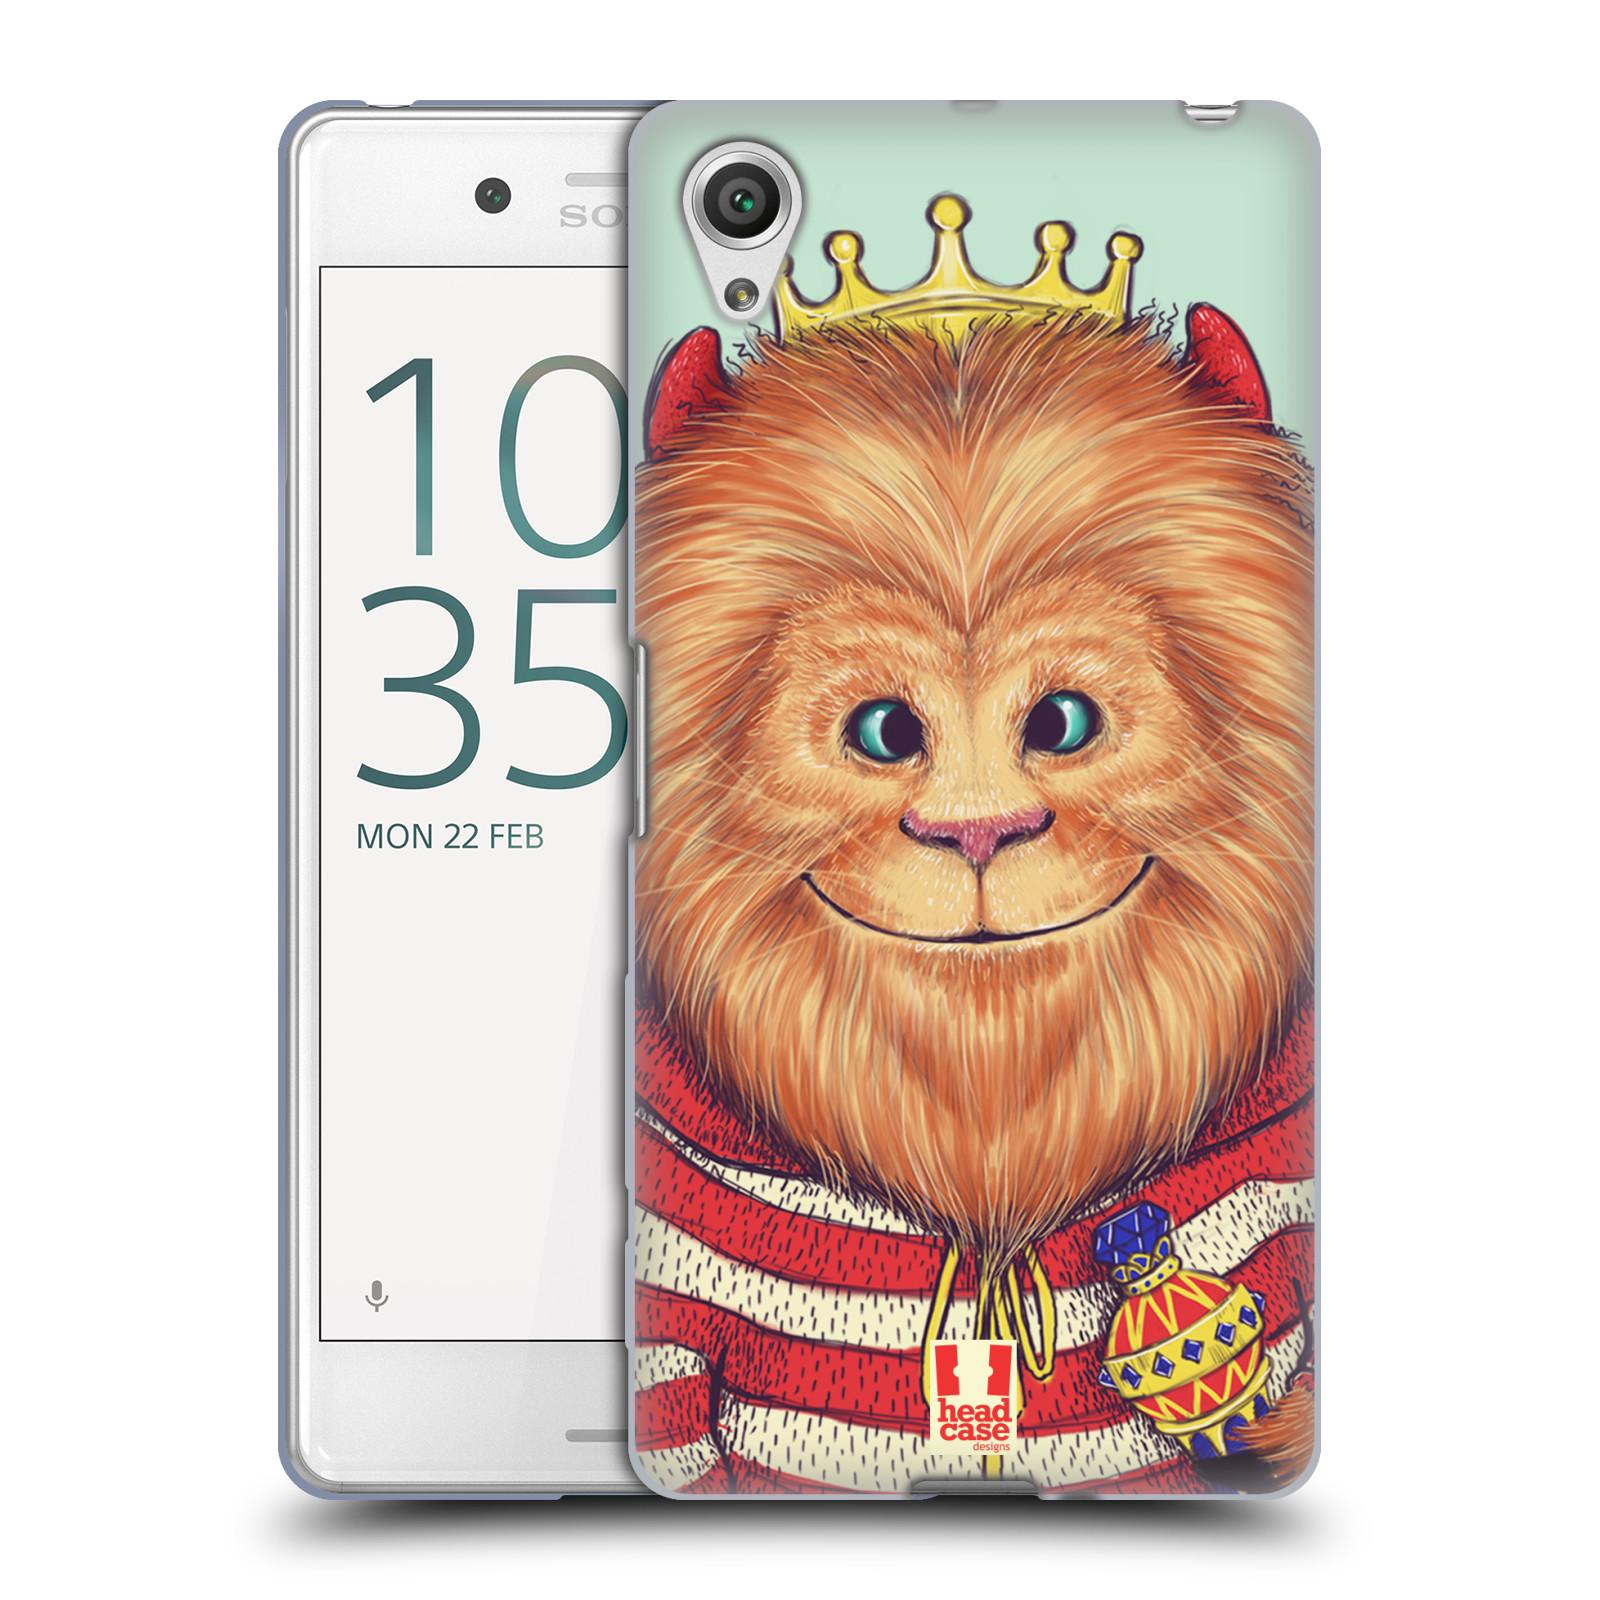 HEAD CASE silikonový obal na mobil Sony Xperia X PERFORMANCE (F8131, F8132) vzor Kreslená zvířátka lev